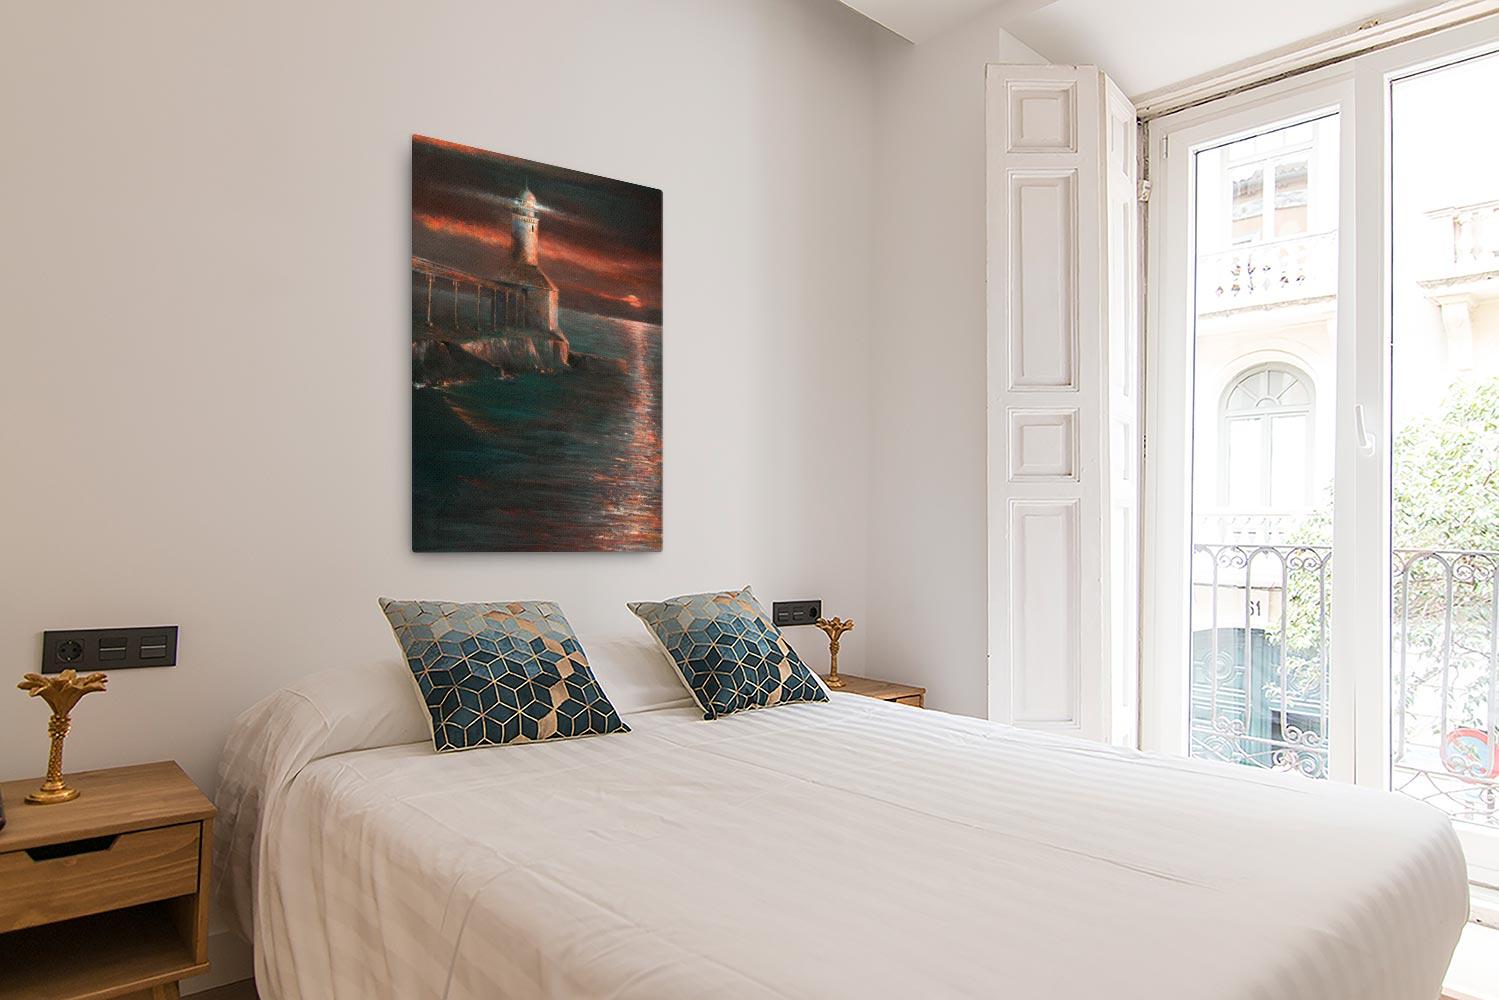 Reproducción de arte en lienzo - dormitorio con balcón - Matutino - Óleo - Paisaje costero - Impresionismo -pintado por Fernando Pagador